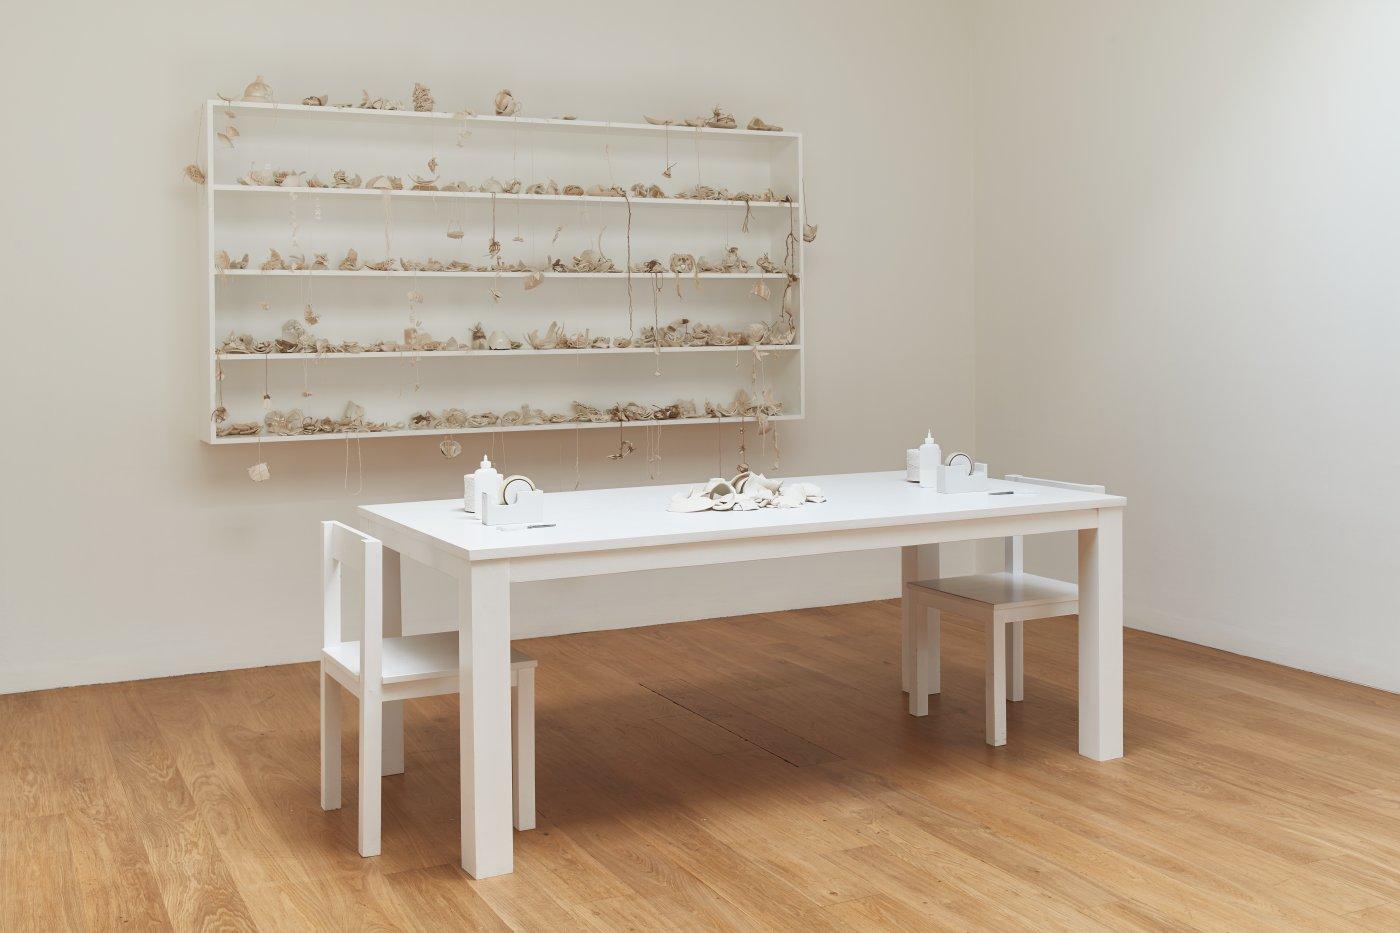 Whitechapel Gallery Yoko Ono 2